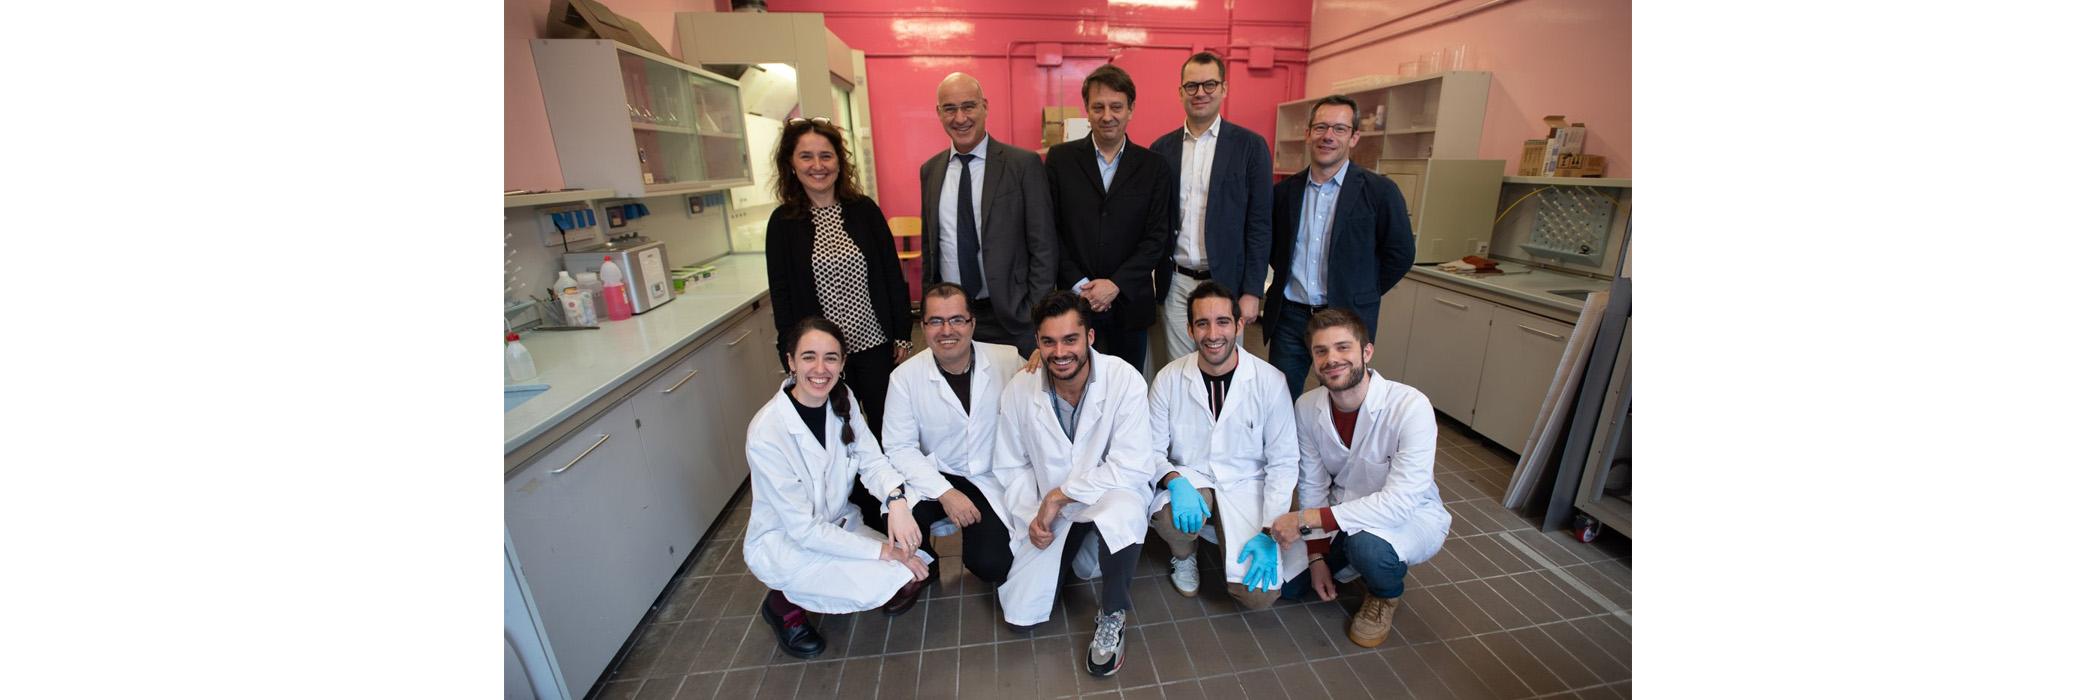 Il Rettore Ferruccio Resta in visita ai laboratori PoliLaPP